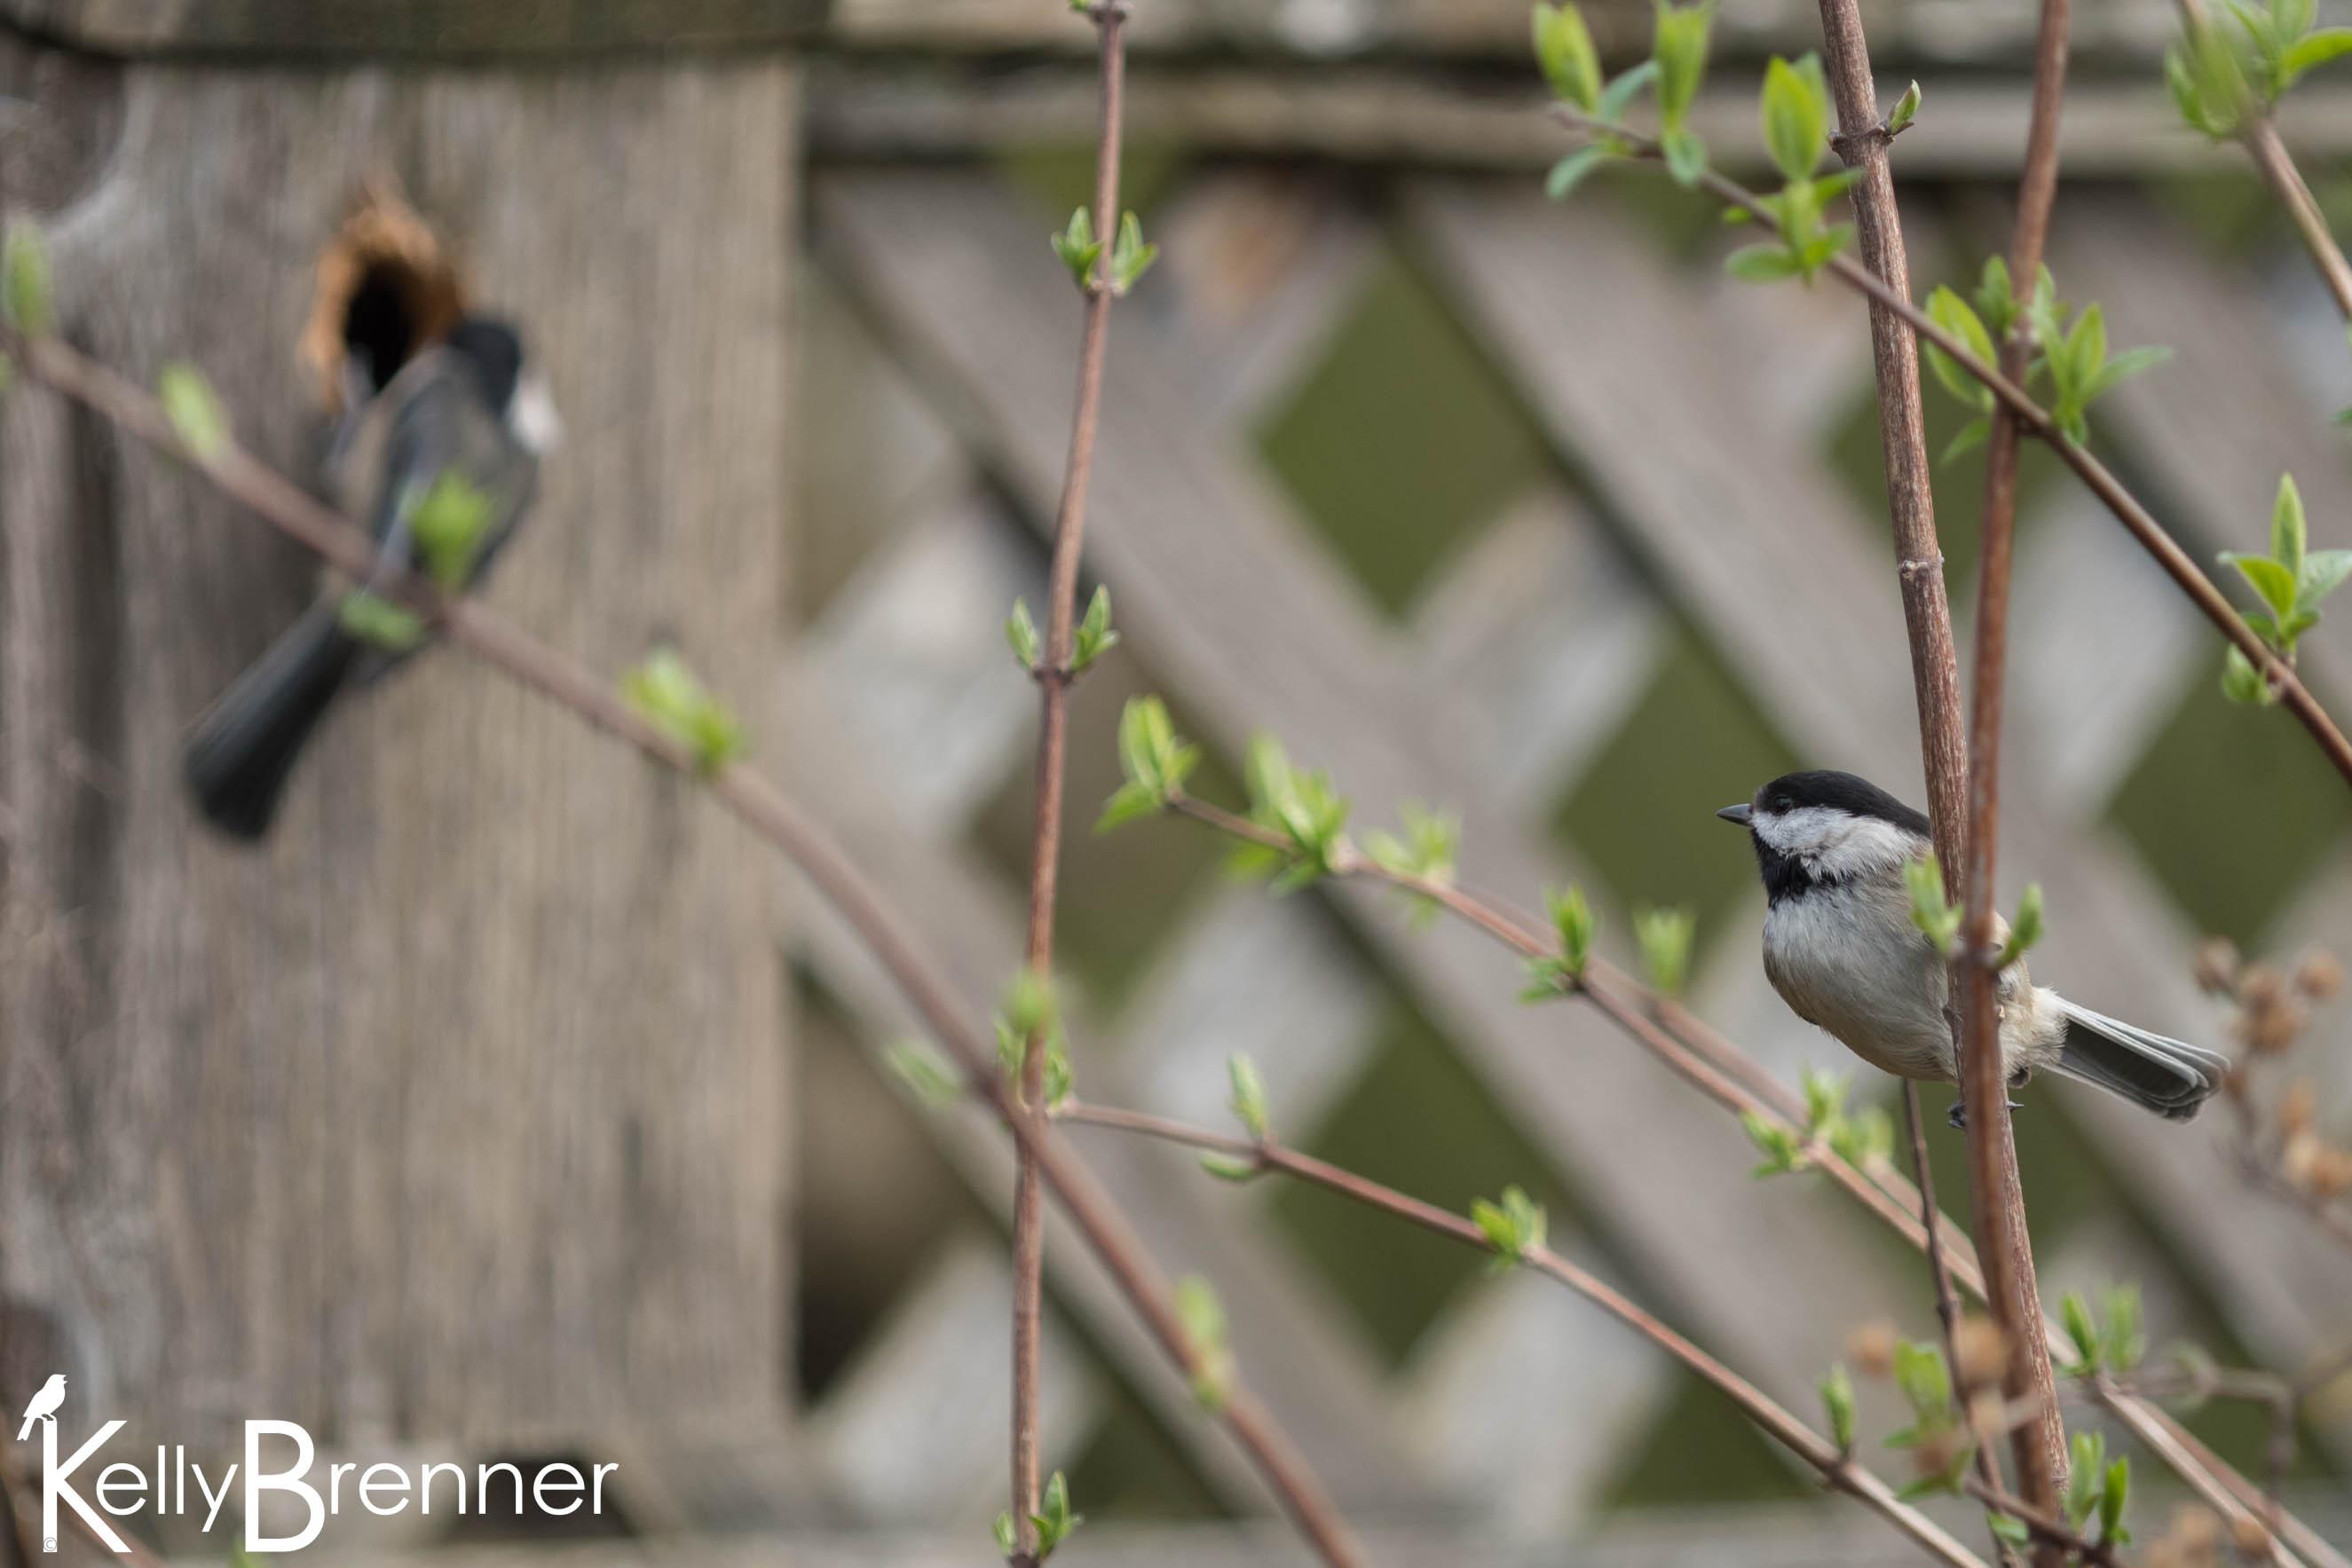 Diary of an Urban Wild Garden: Spring Nesting